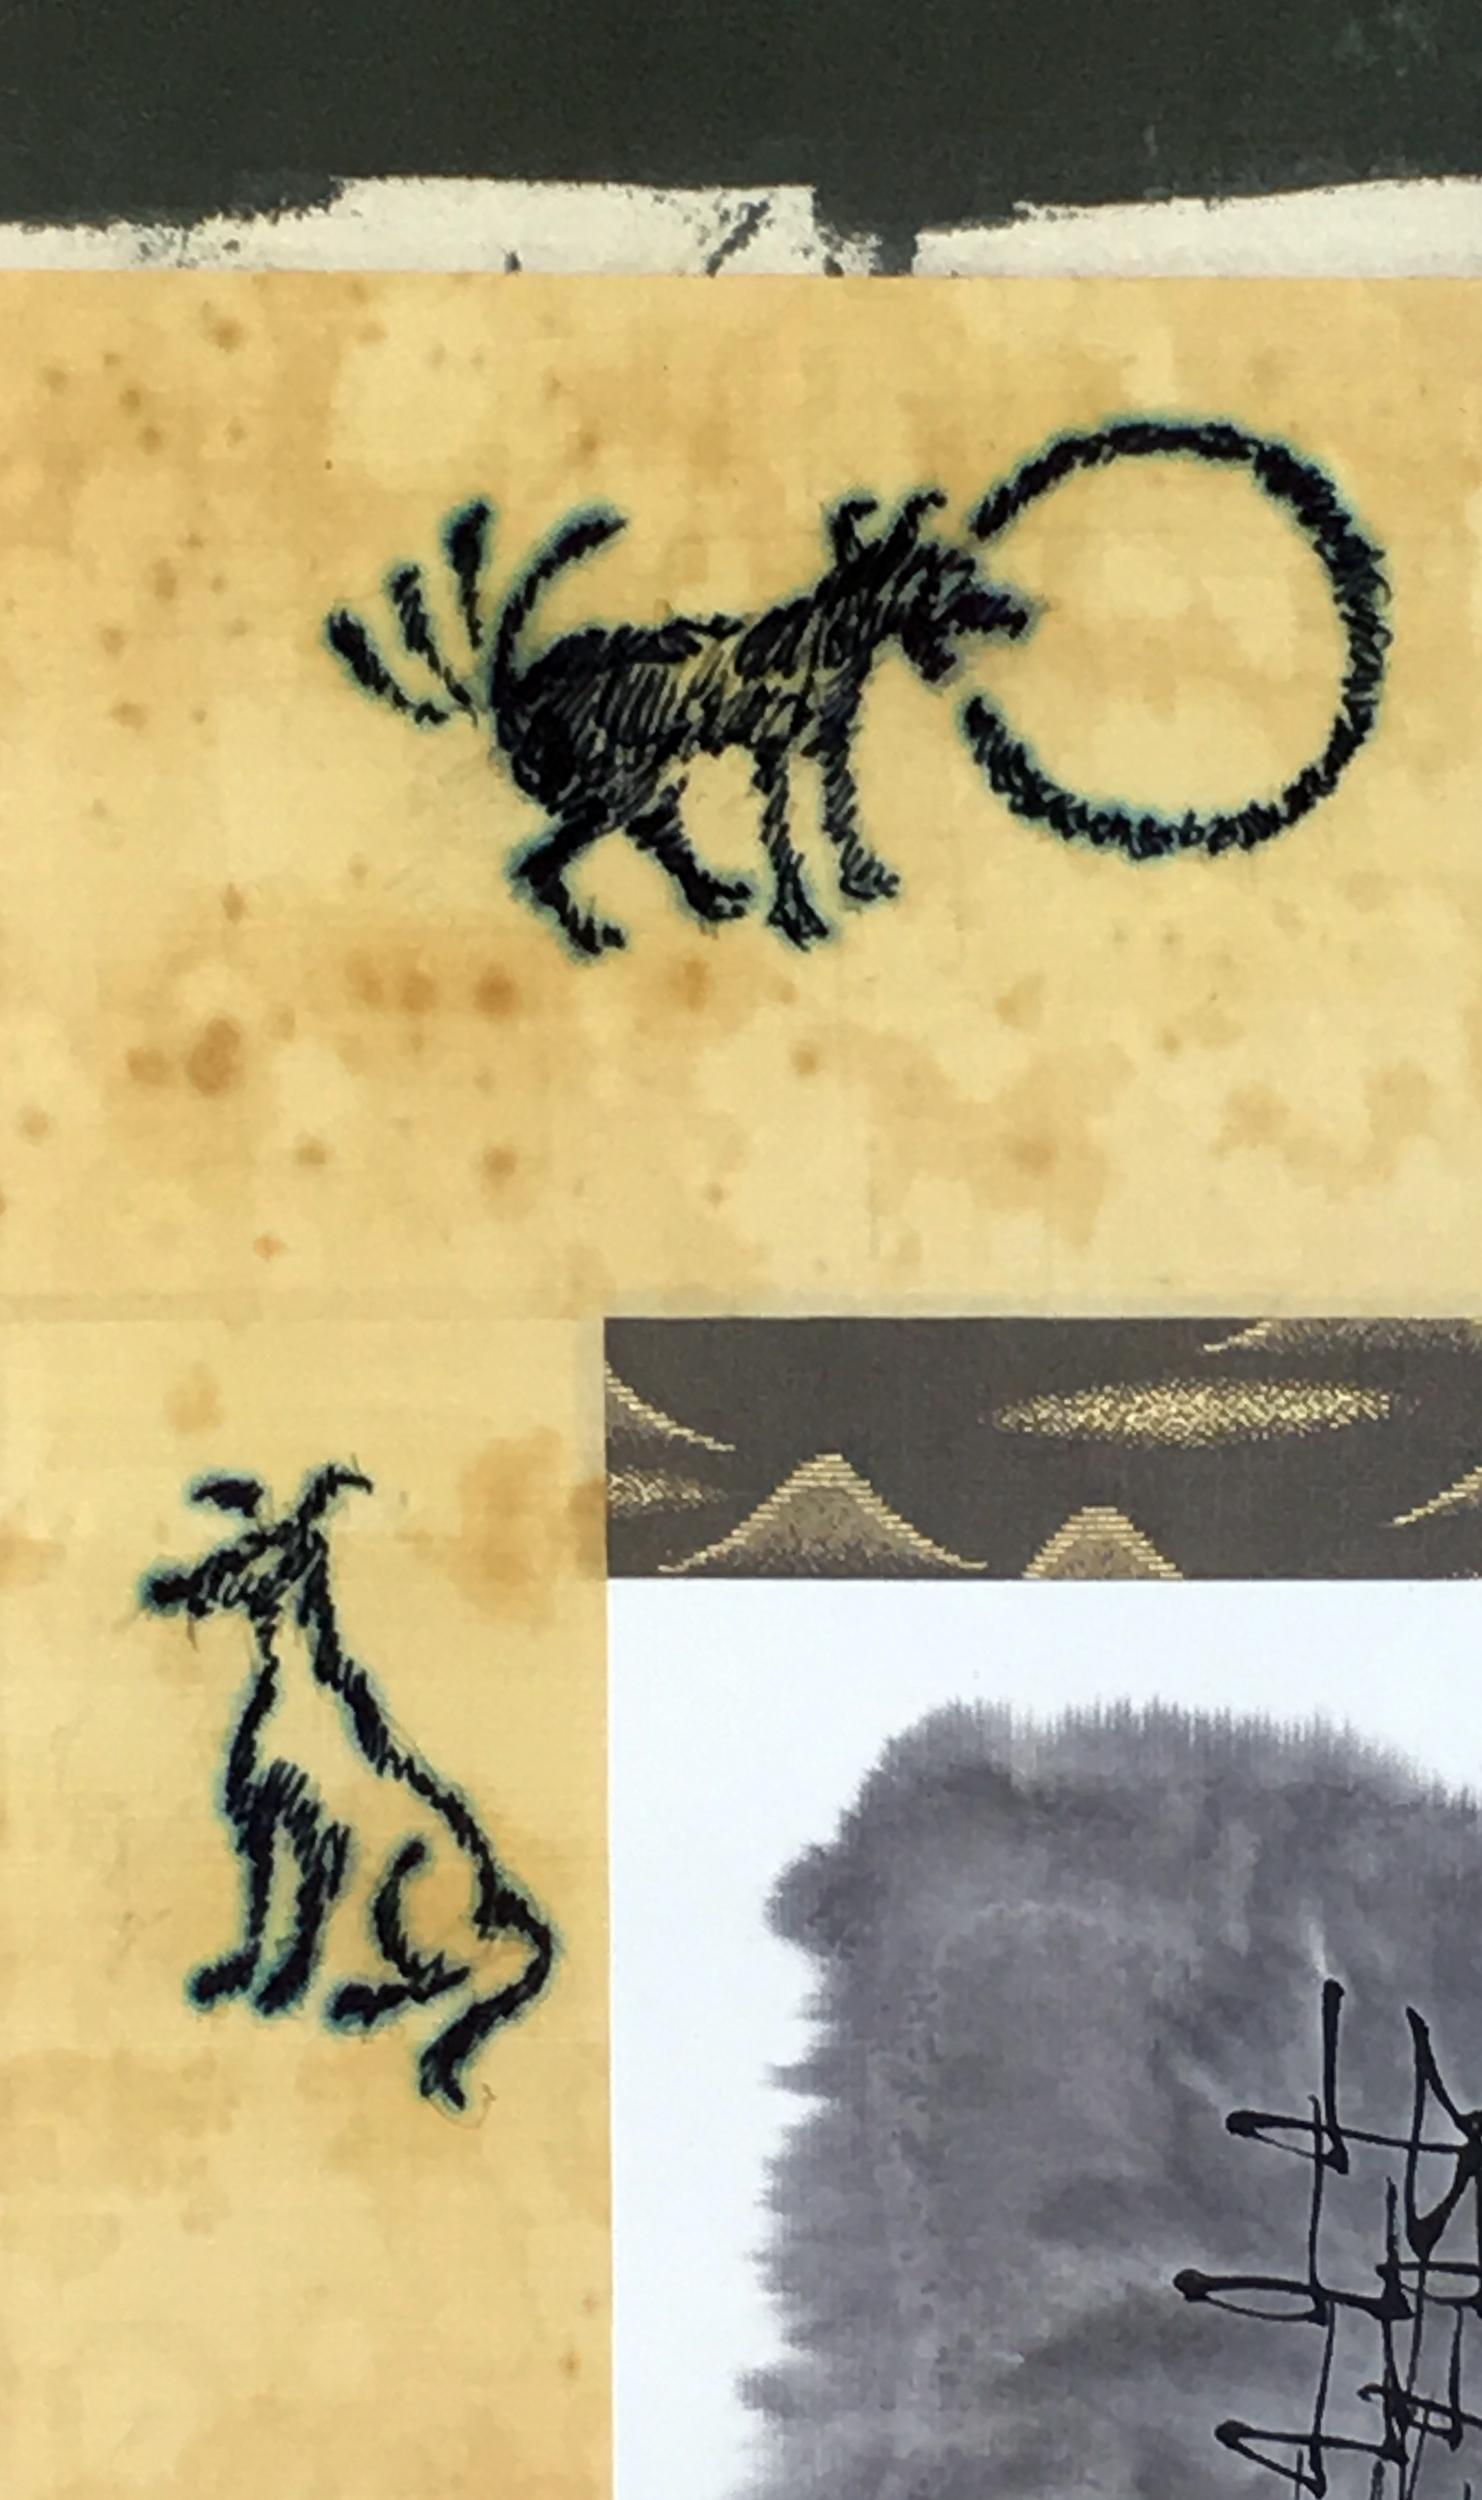 upper left detail